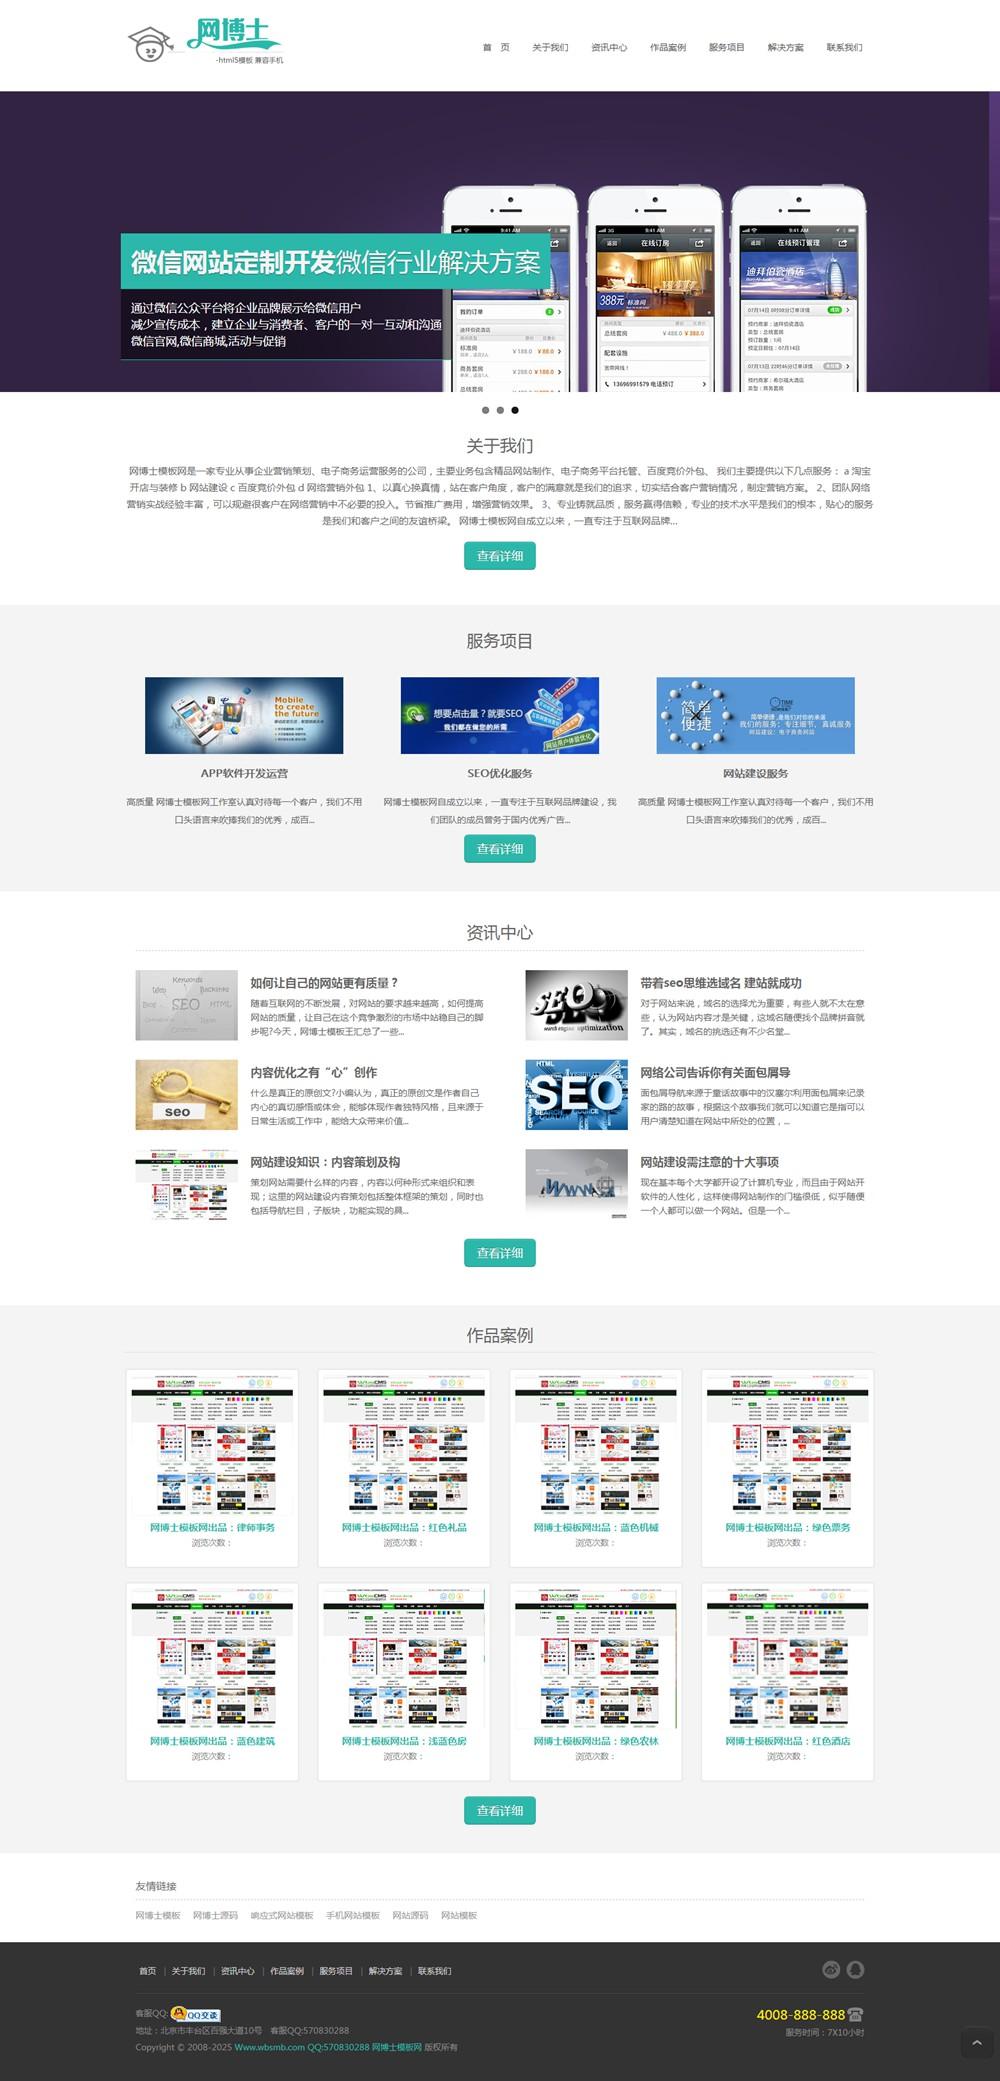 (自适应手机版)html5响应式网络设计公司网站